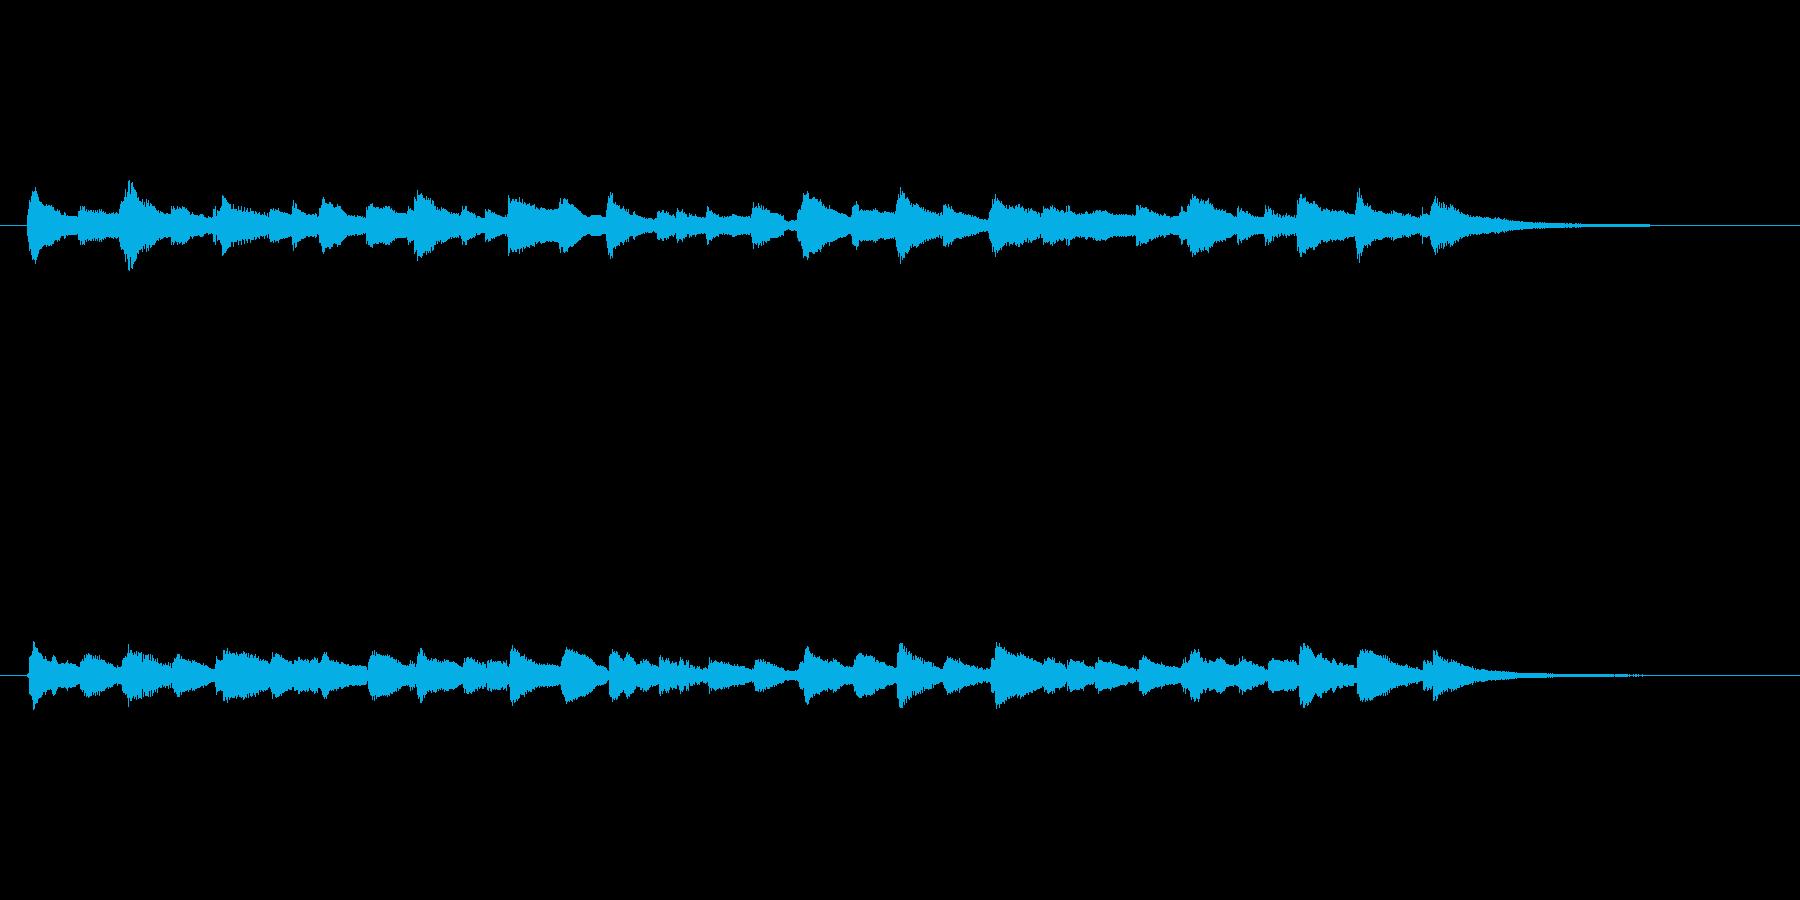 中世チェンバロ風エンディングの再生済みの波形